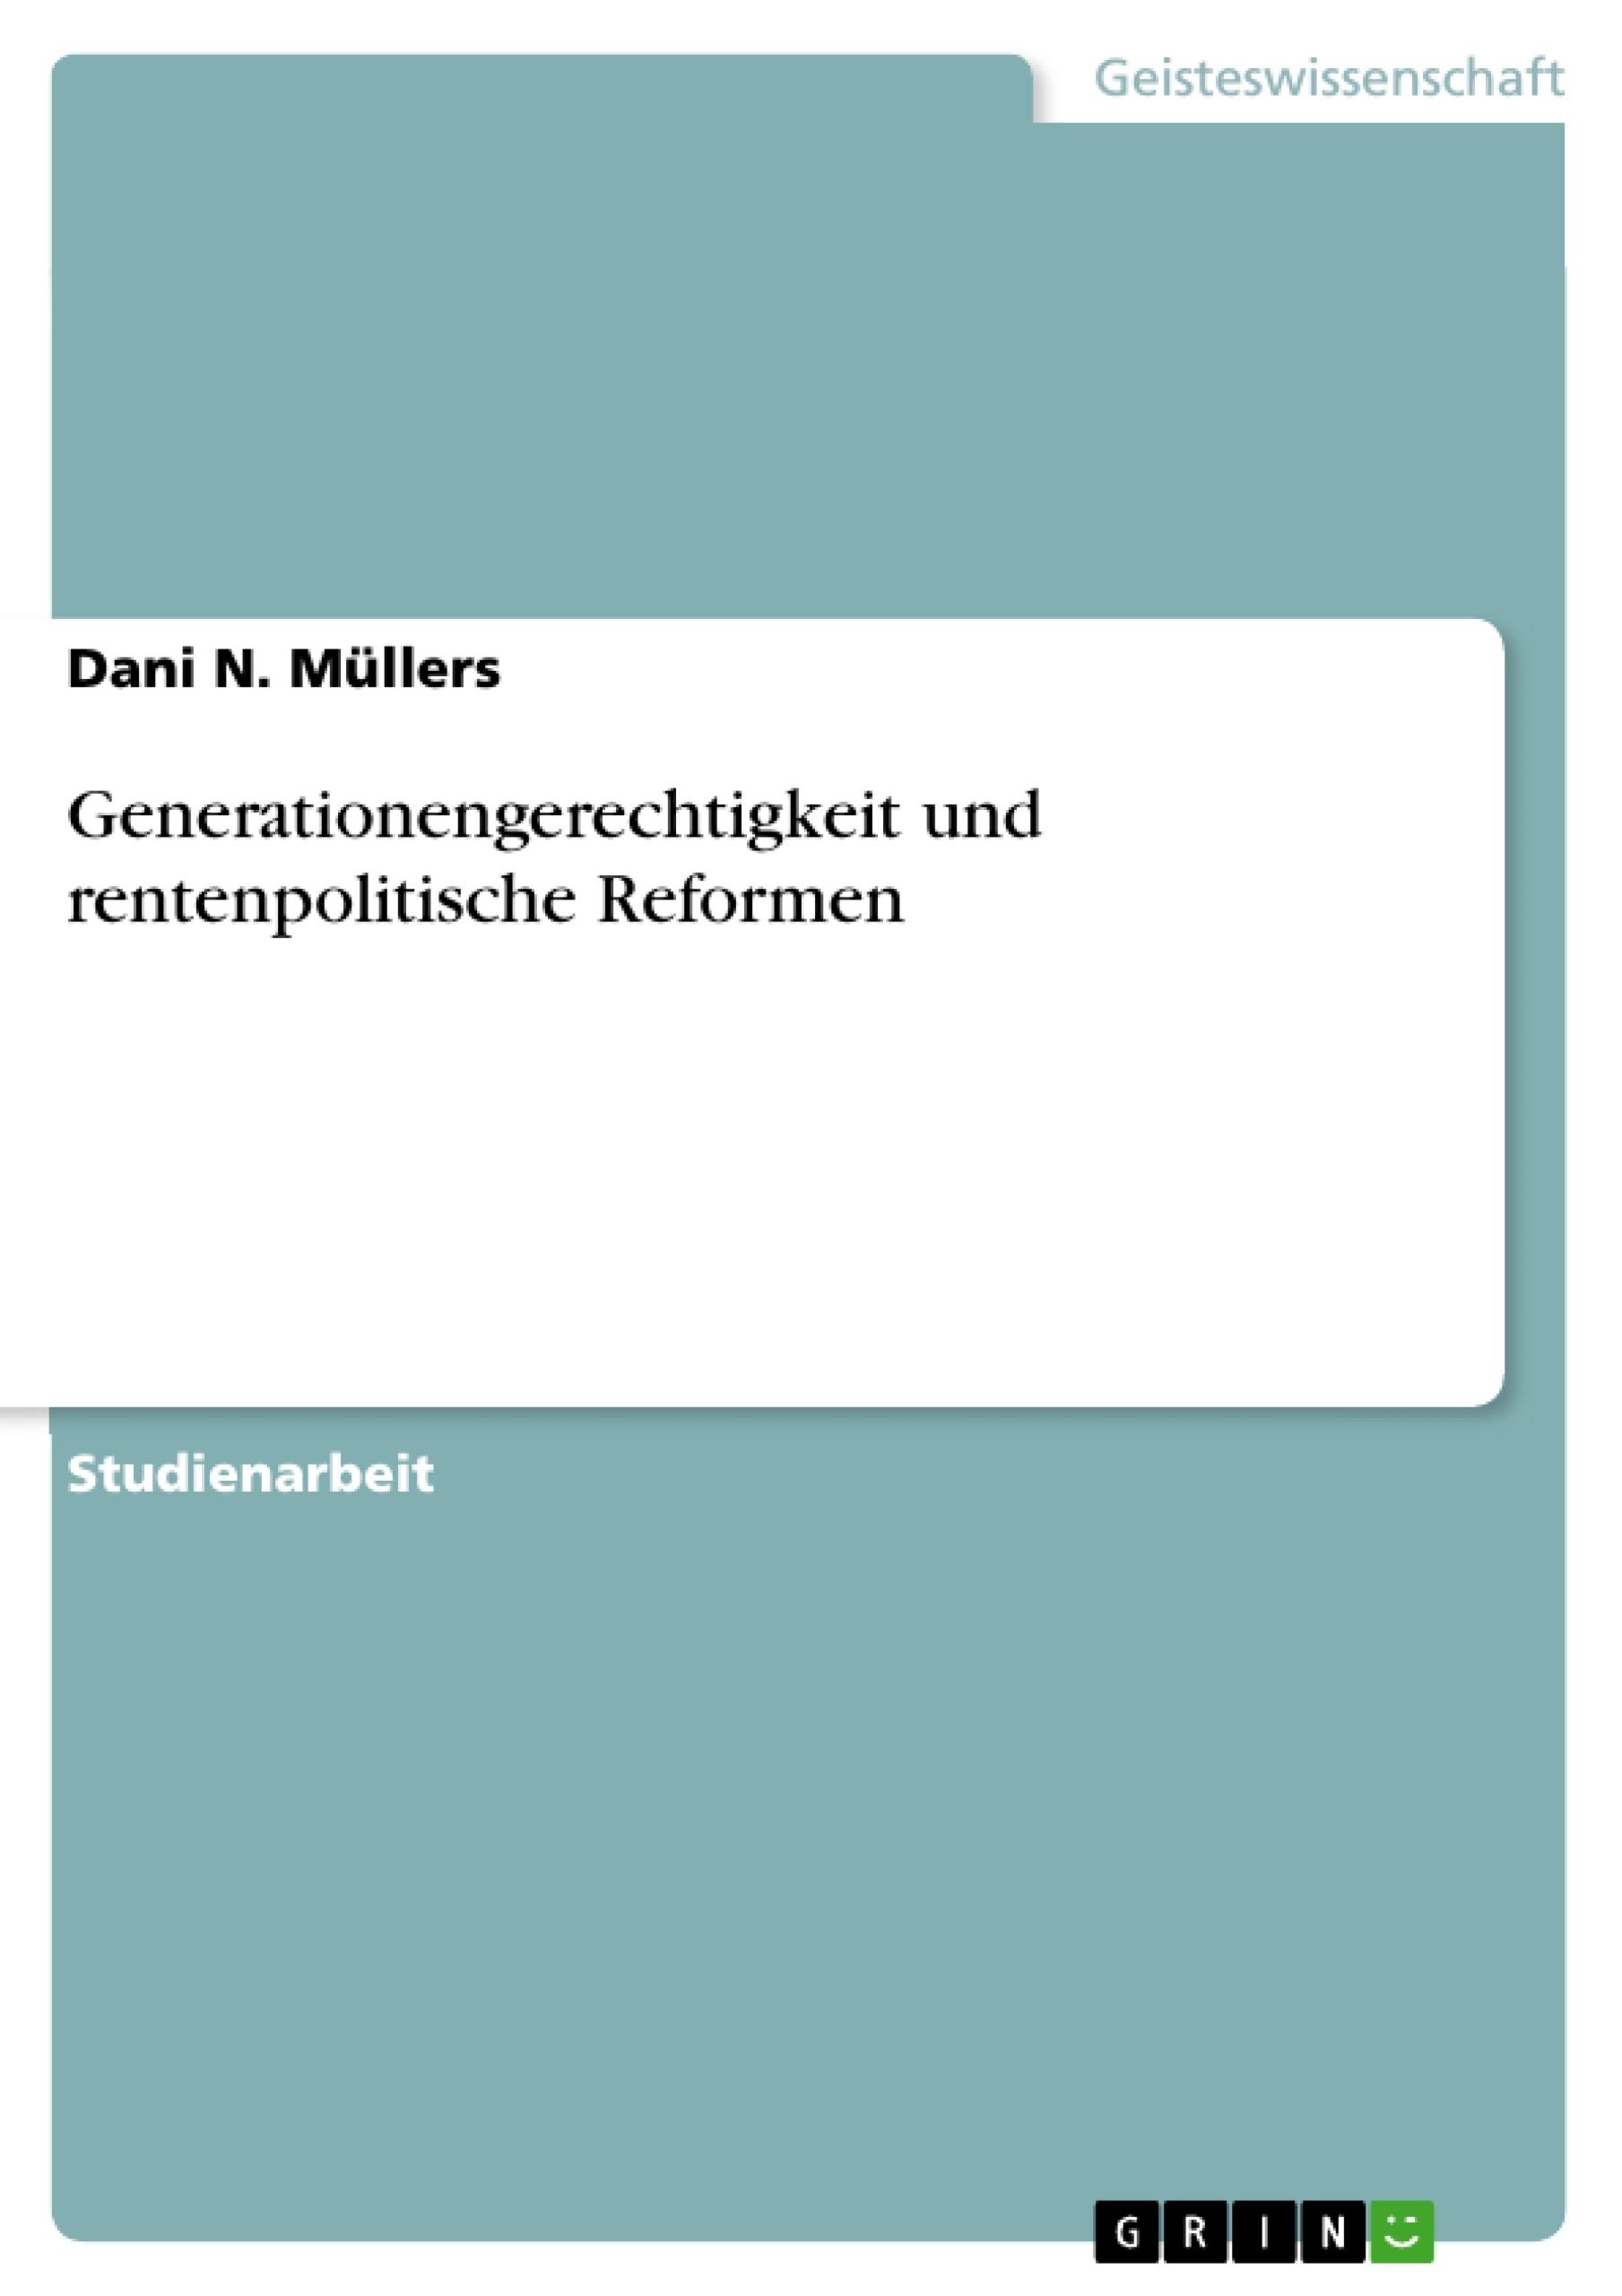 Titel: Generationengerechtigkeit und rentenpolitische Reformen